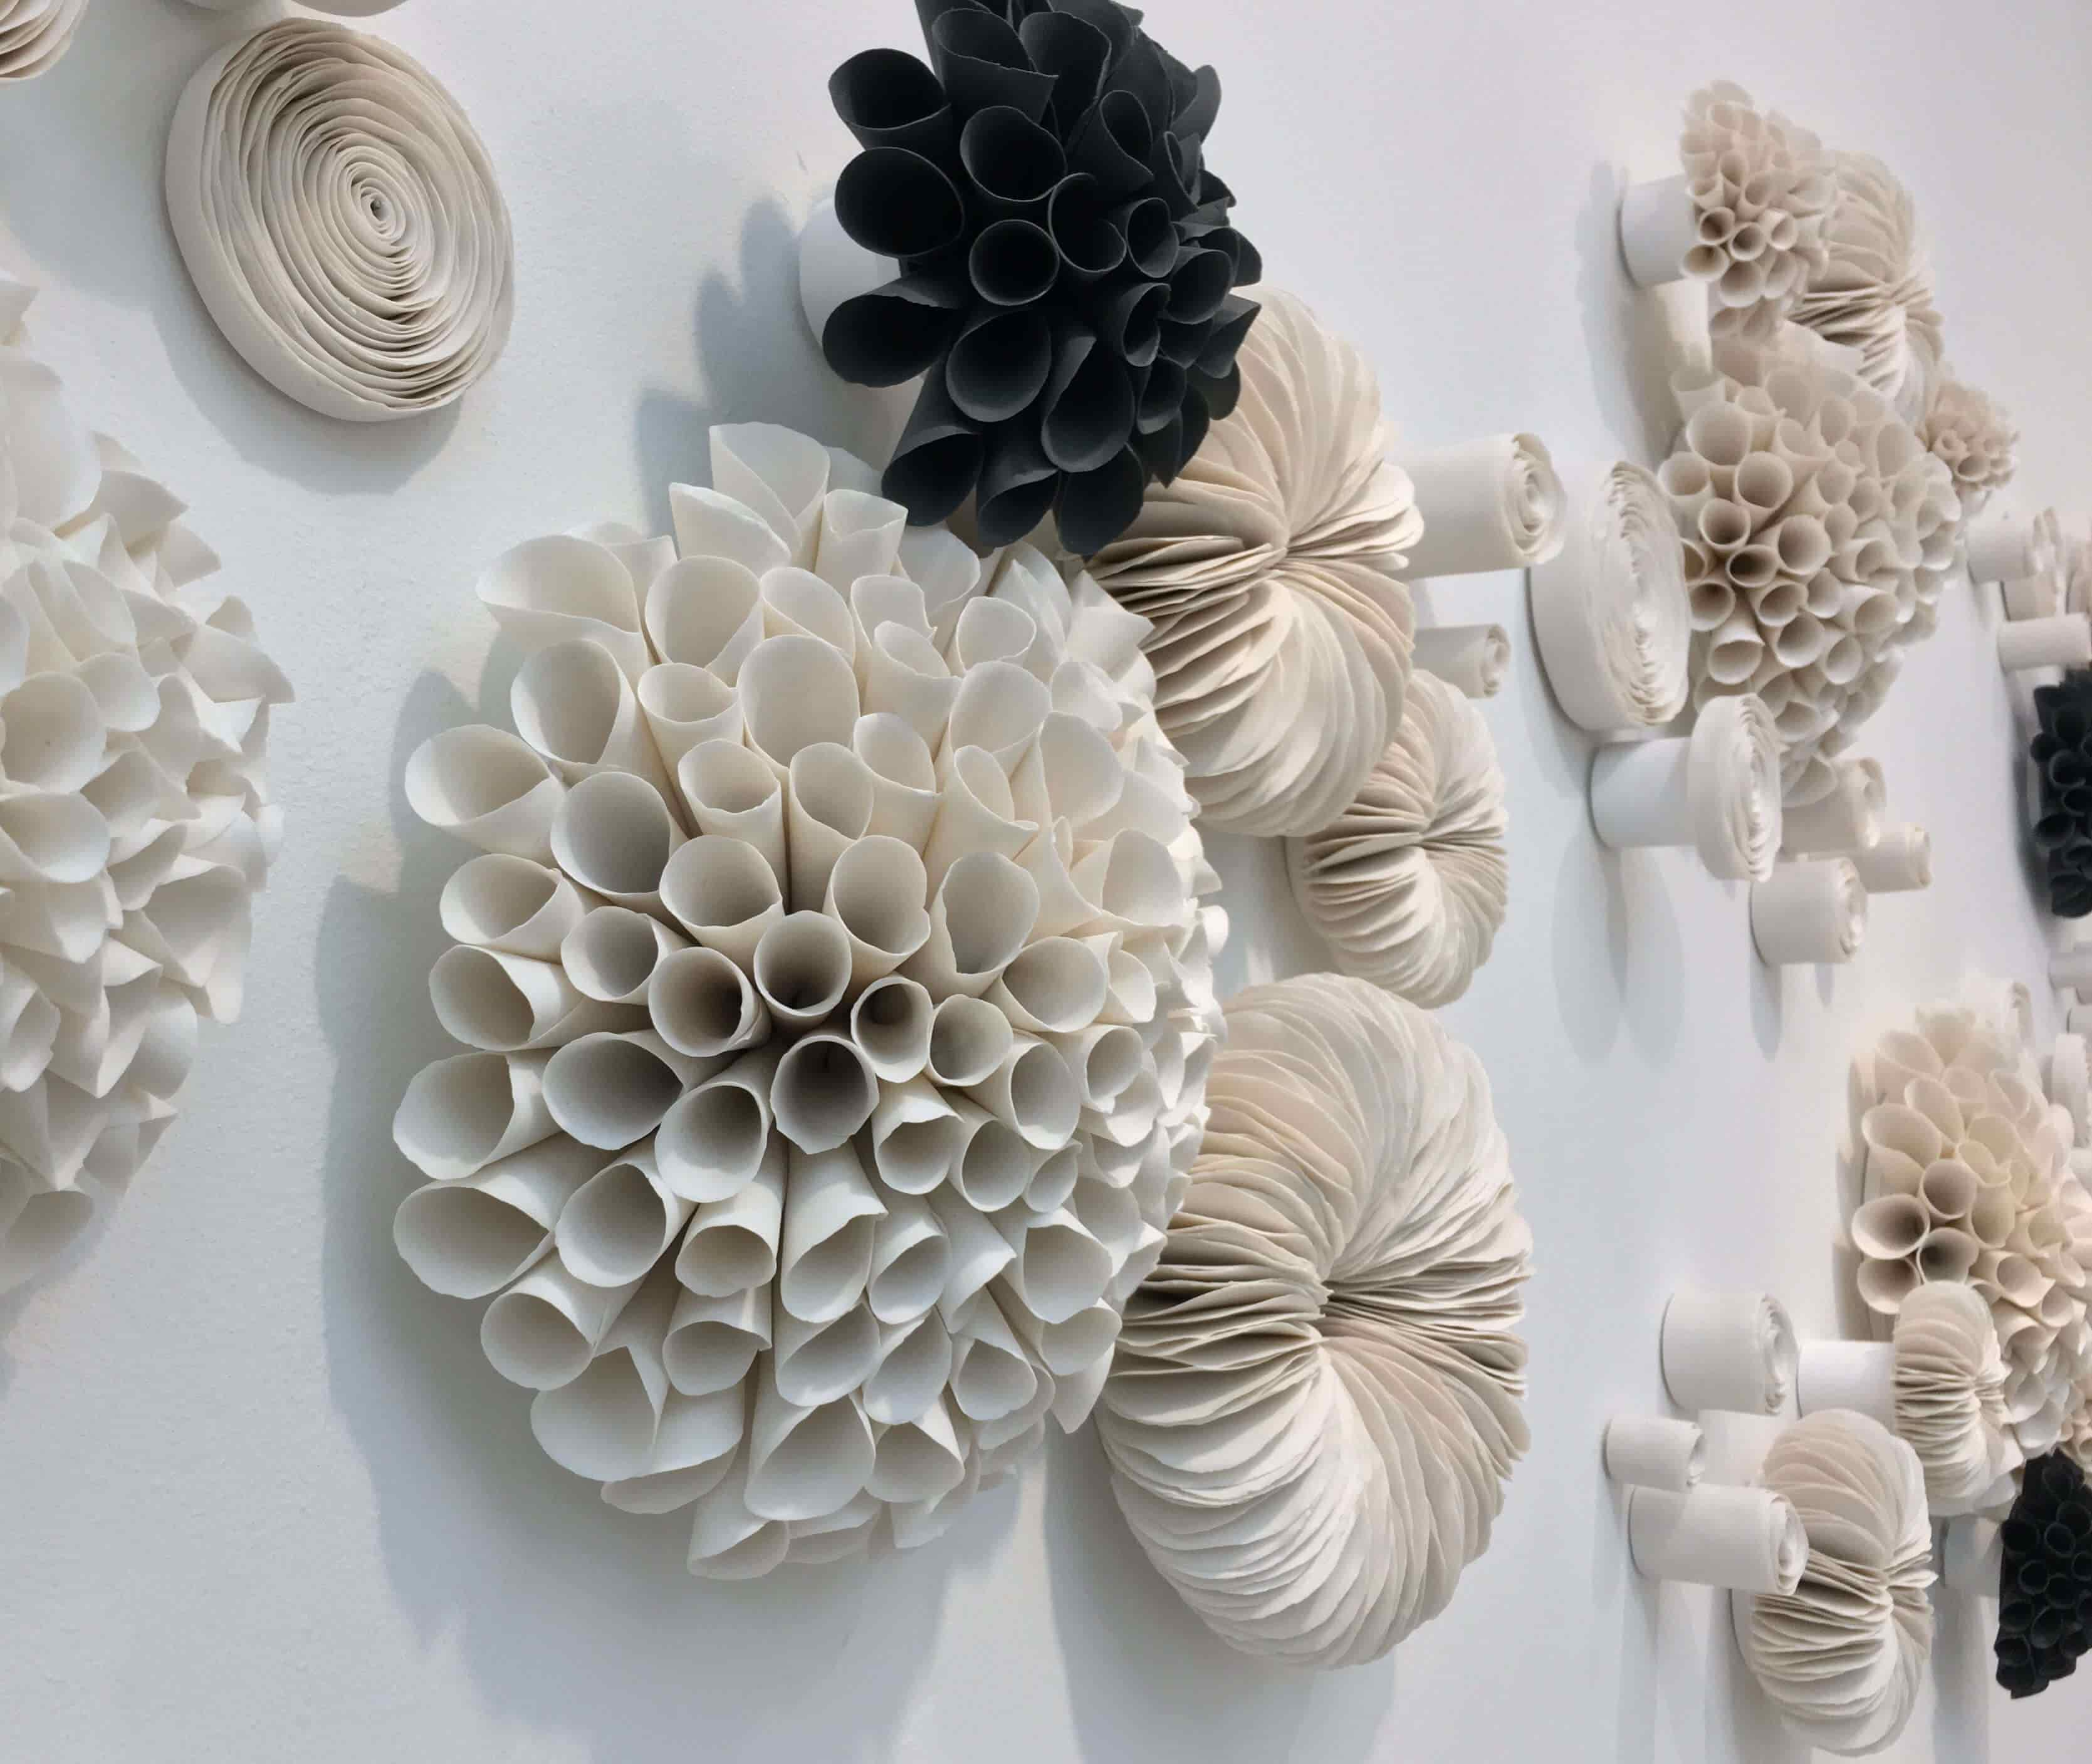 Delicate ceramic art by Valeria Nascimento